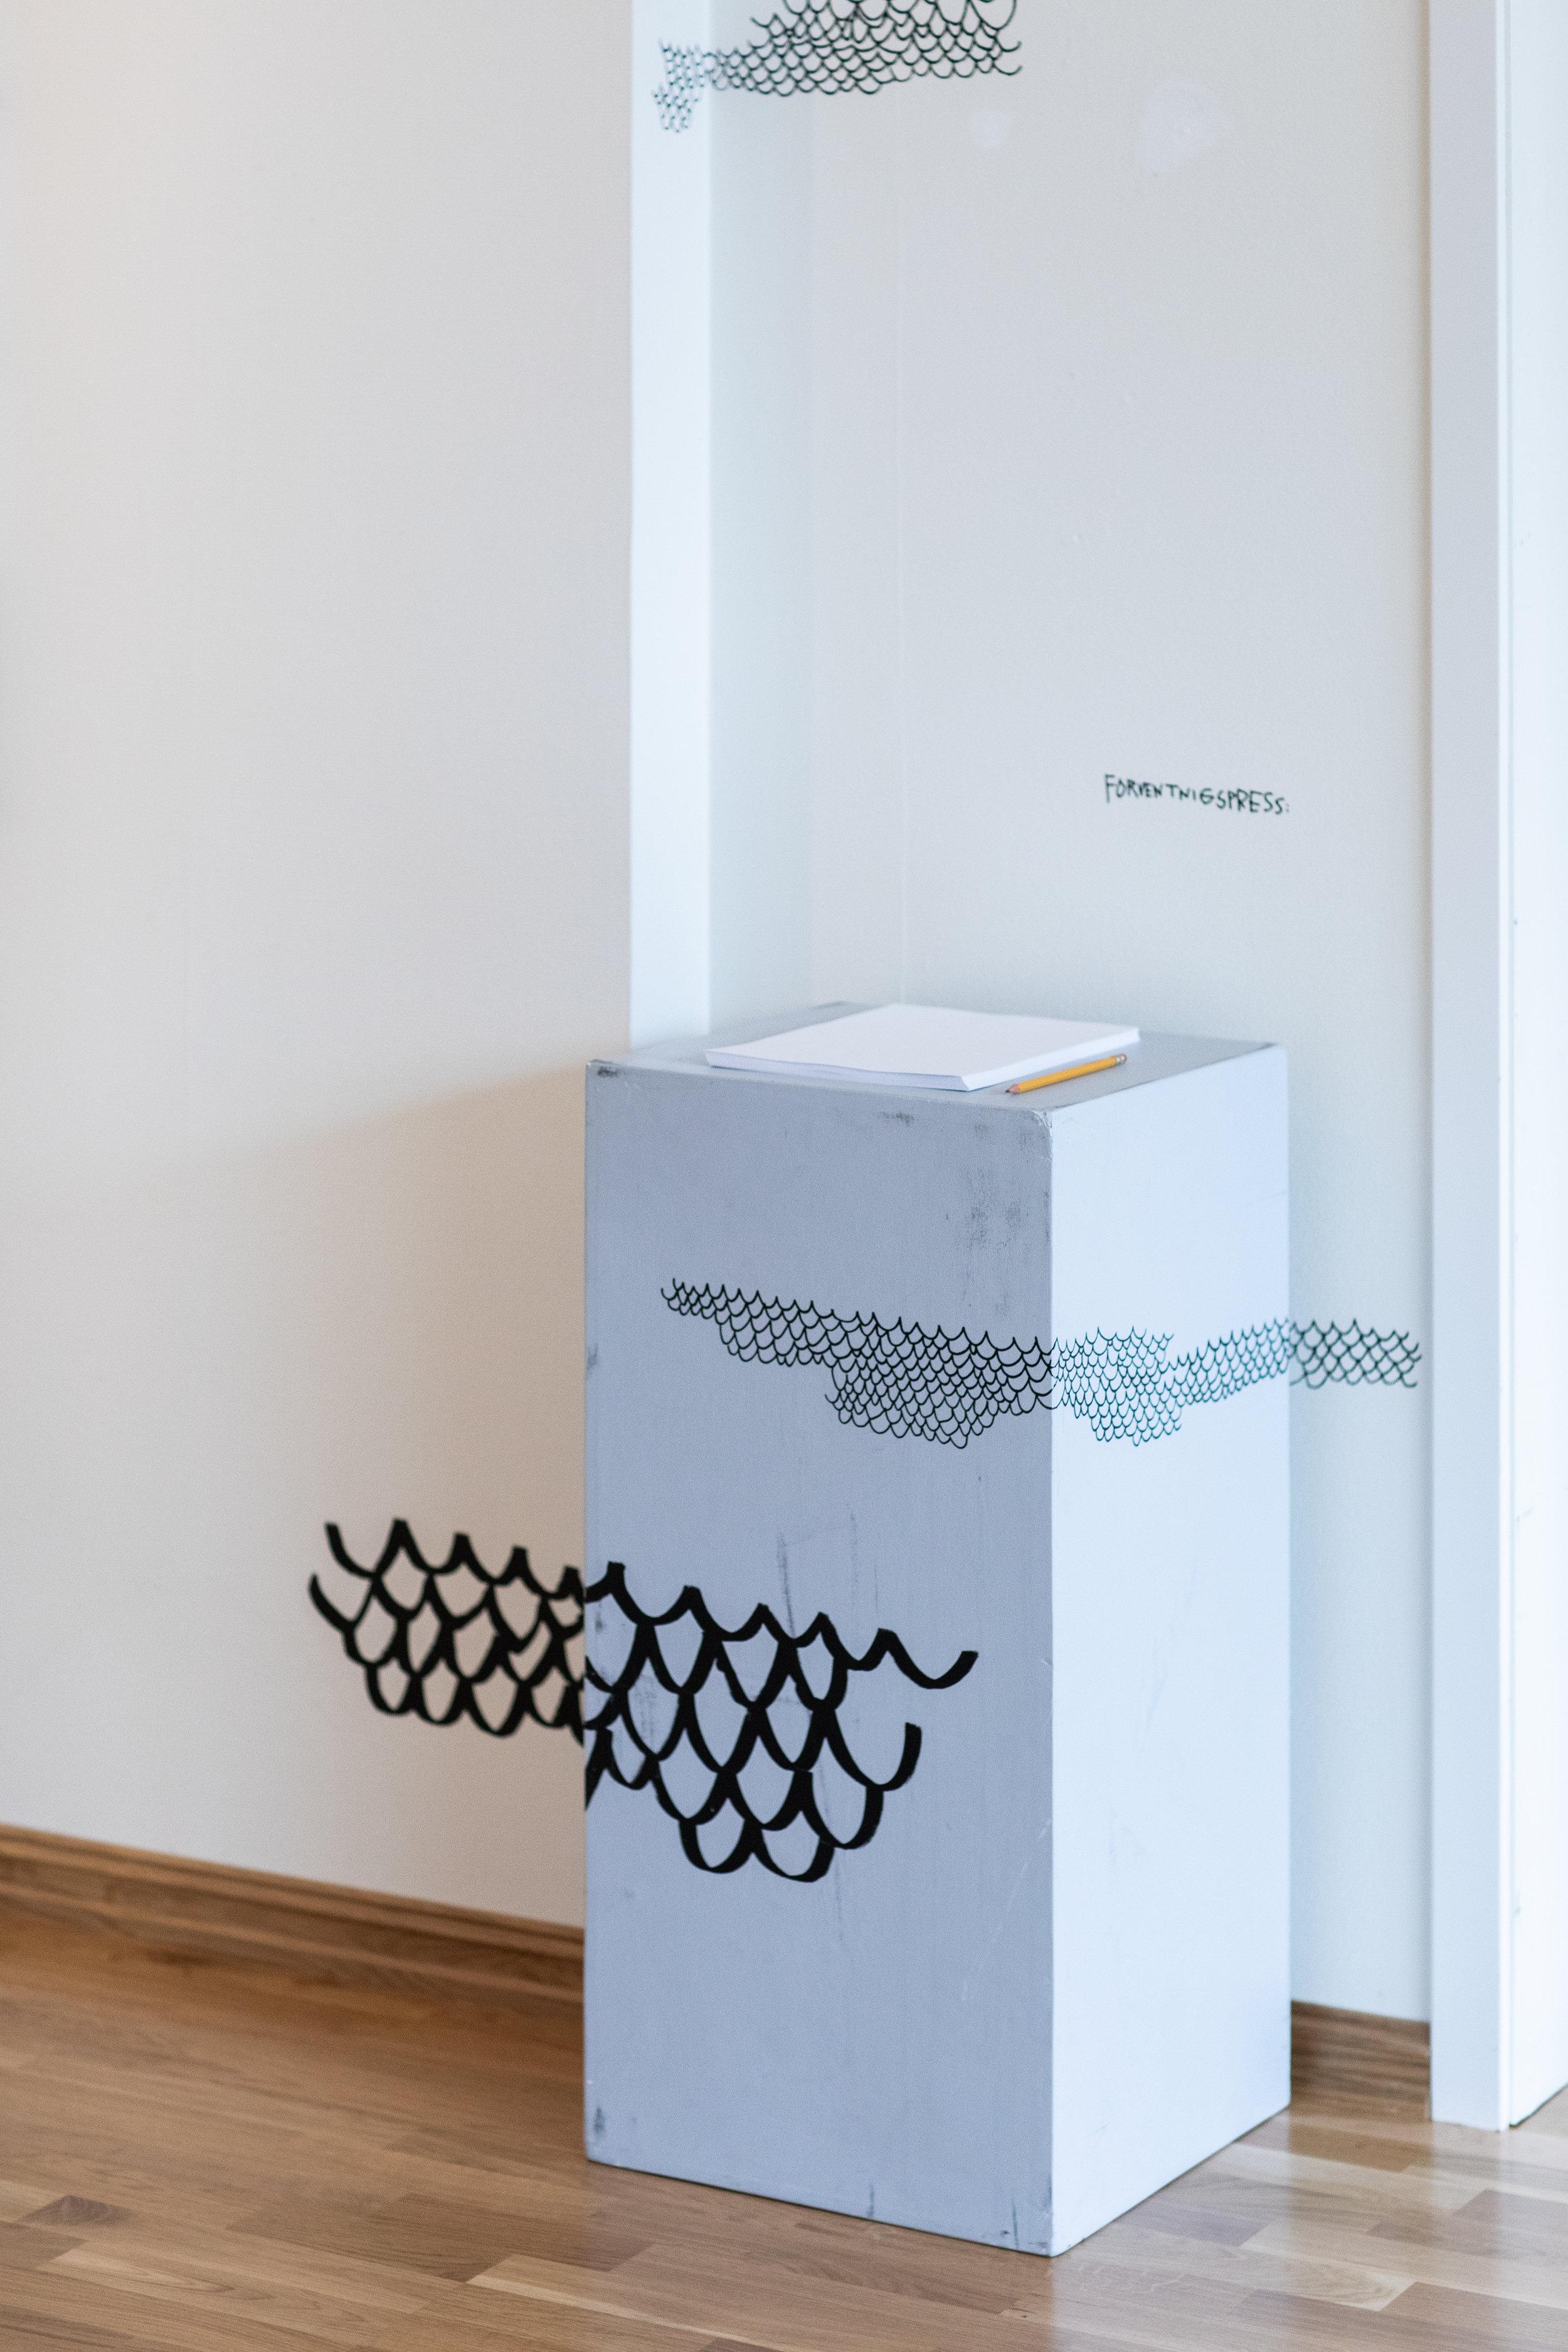 """Installasjonen """"Forventingspress"""": en bunke blanke ark og en blyant med påskriften """"Hva som helst""""."""